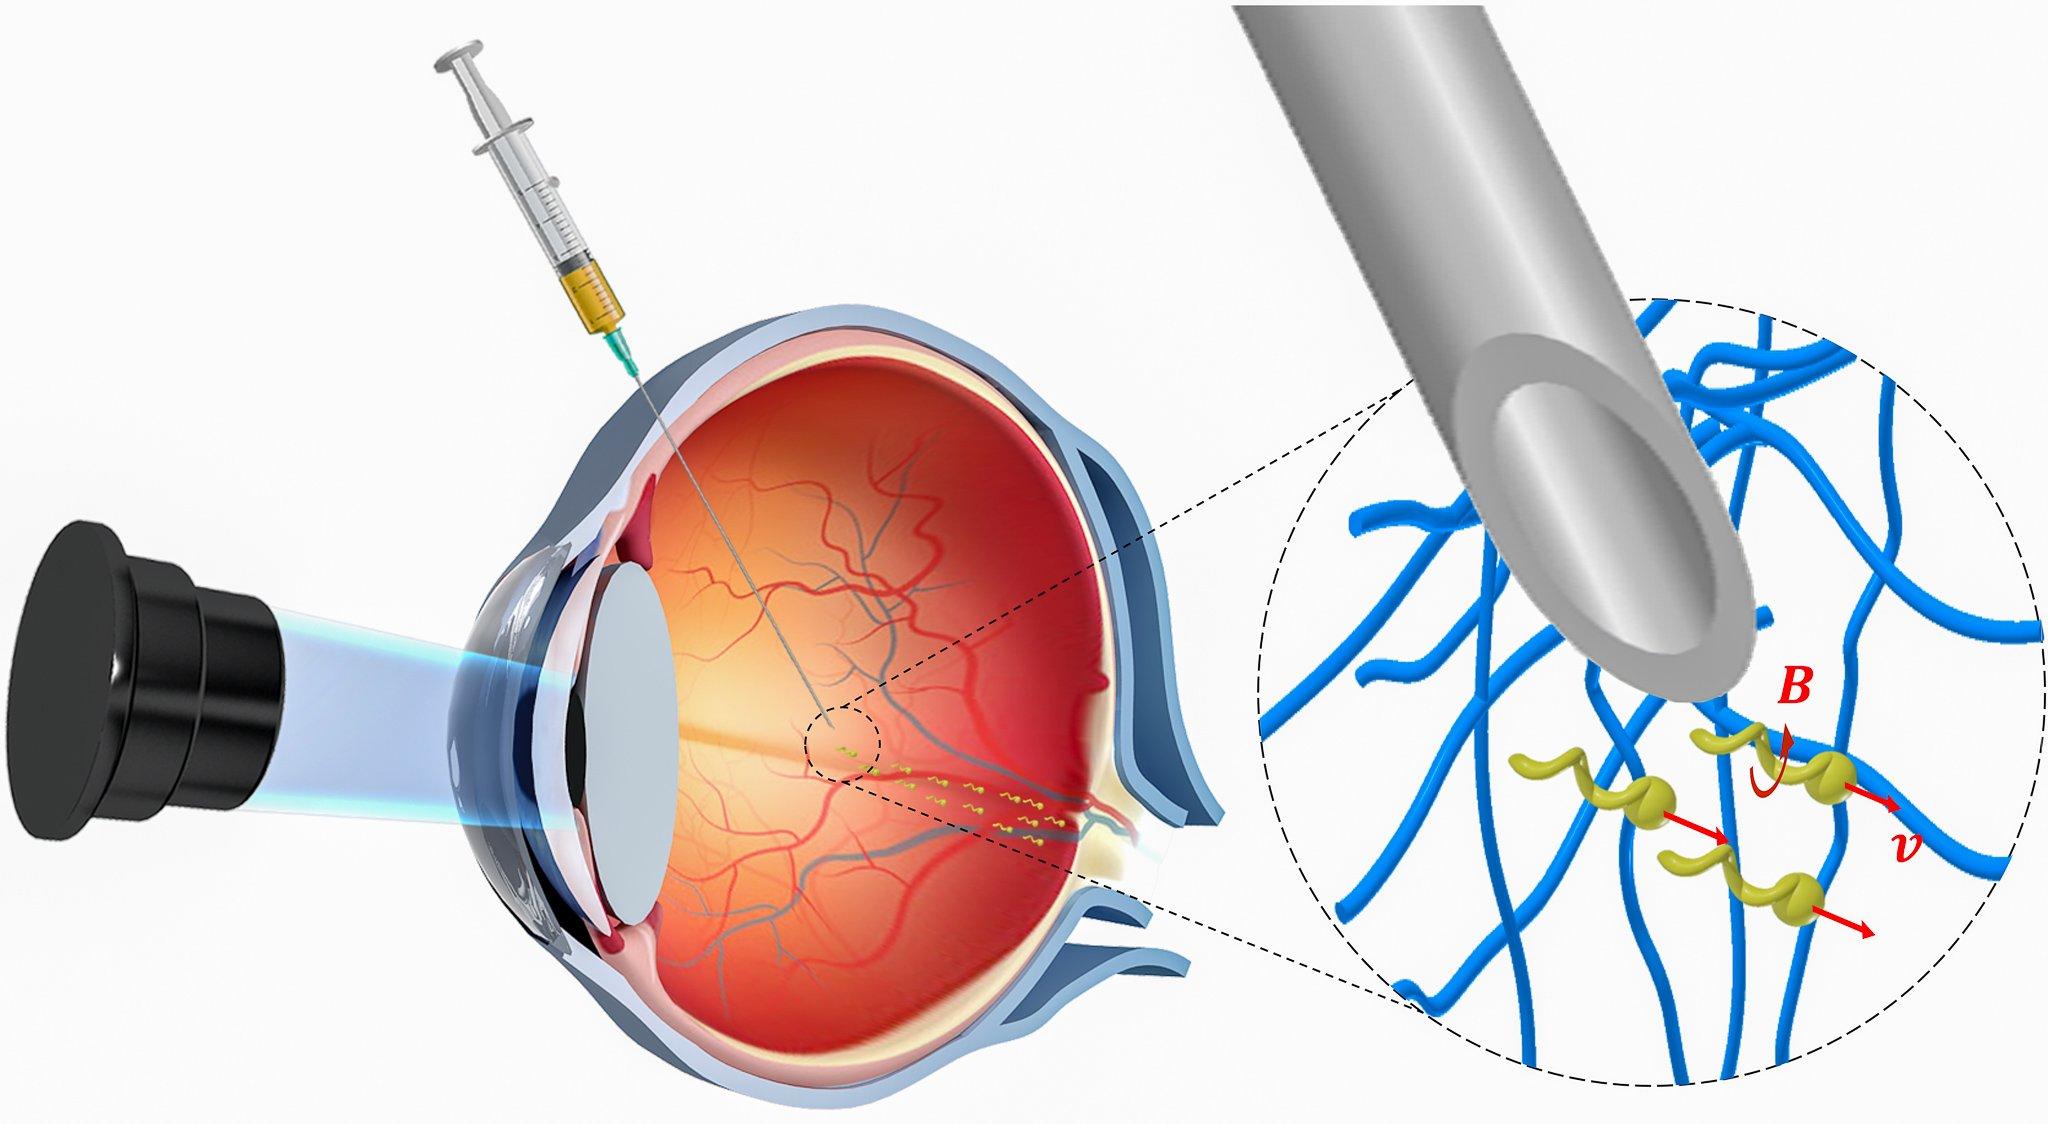 Nanoroboty rodem z filmów dostarczą lekarstwo poprzez gałki oczne